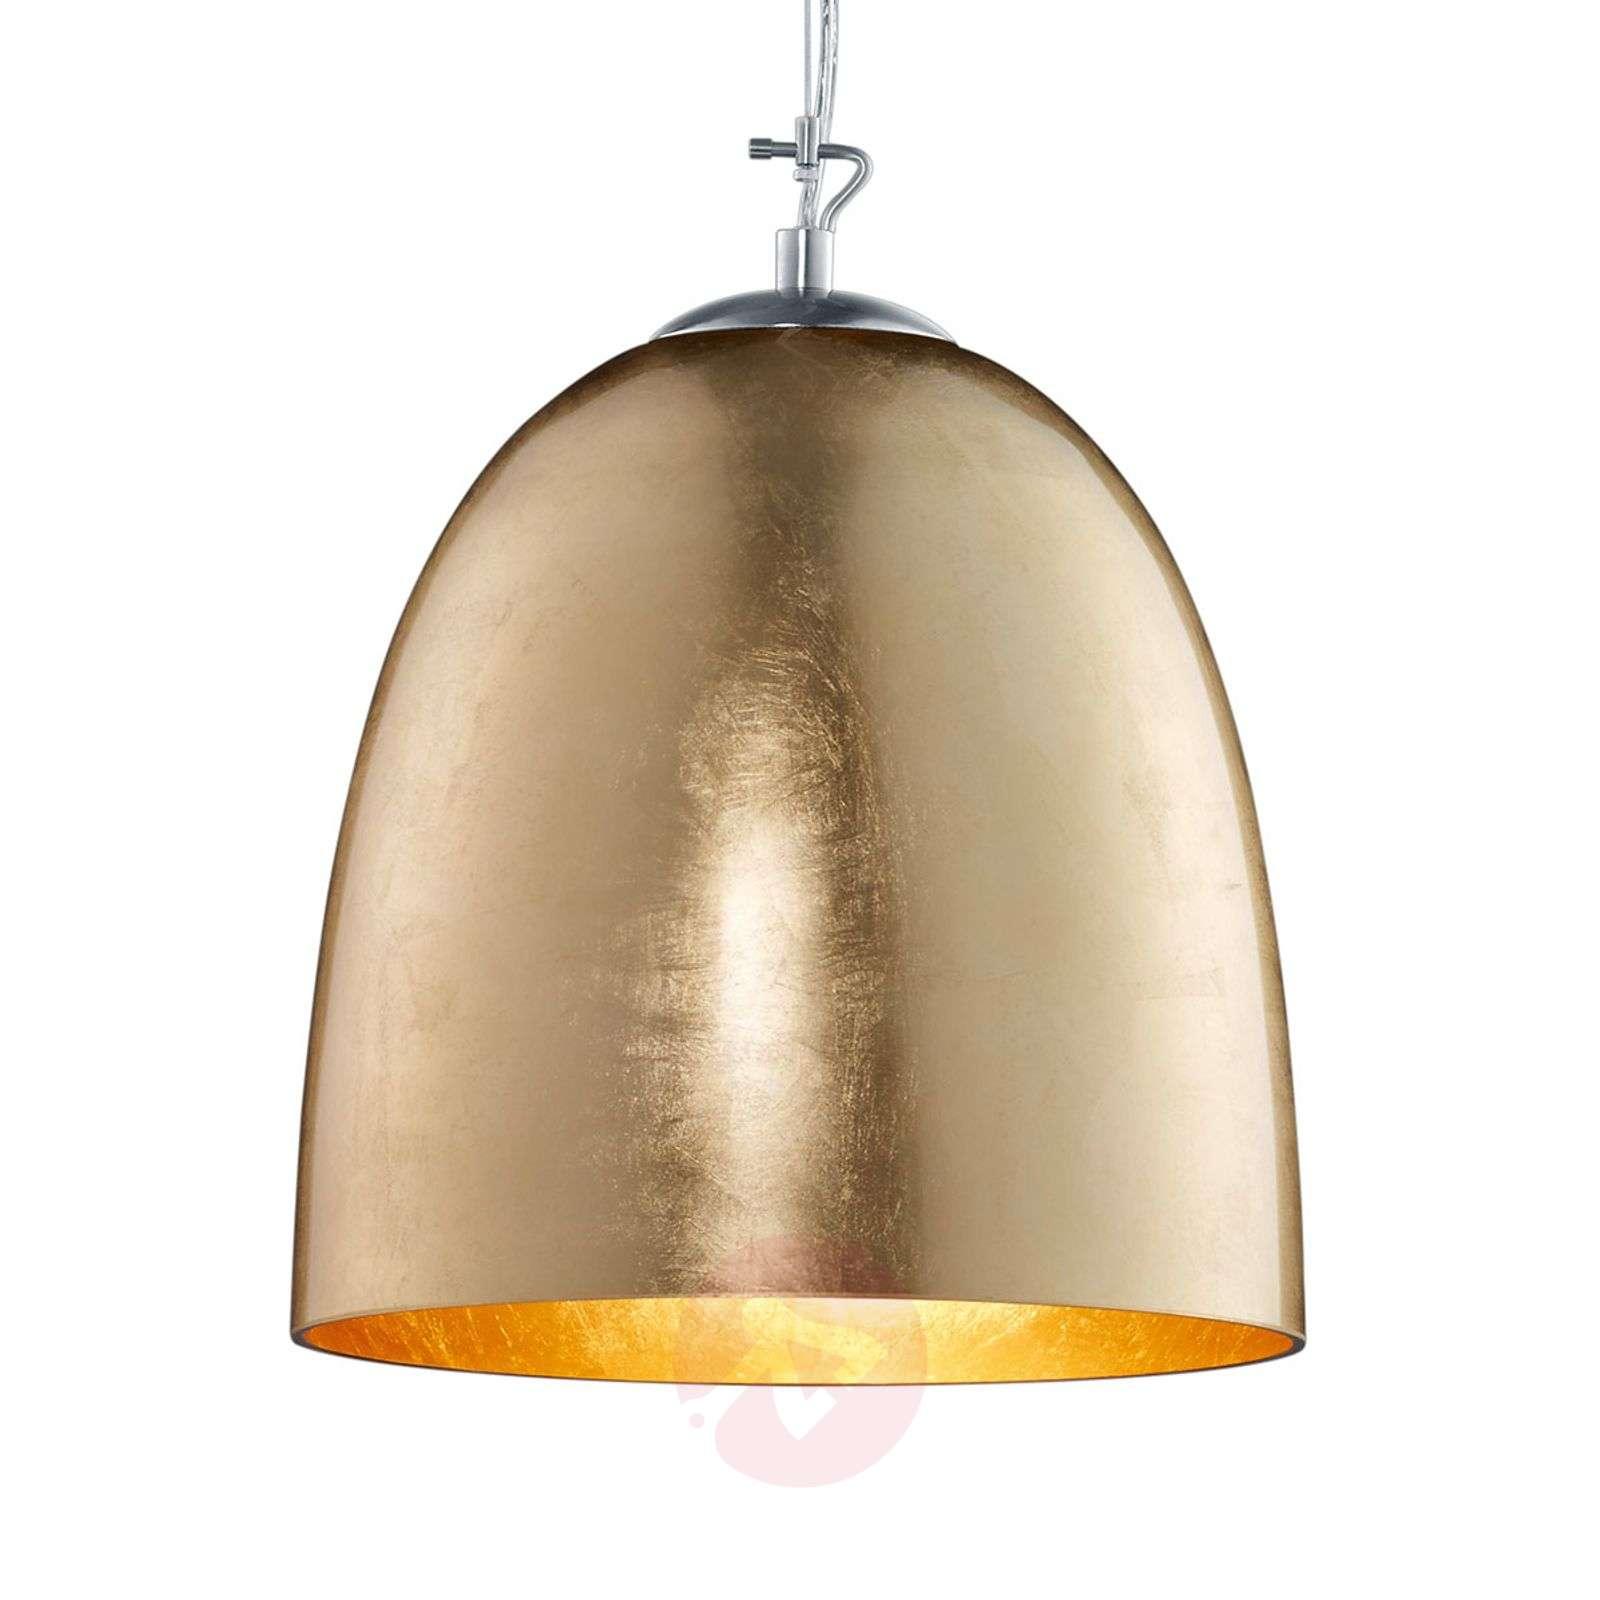 Ontario kultainen riippuvalo lasista-9005115-03